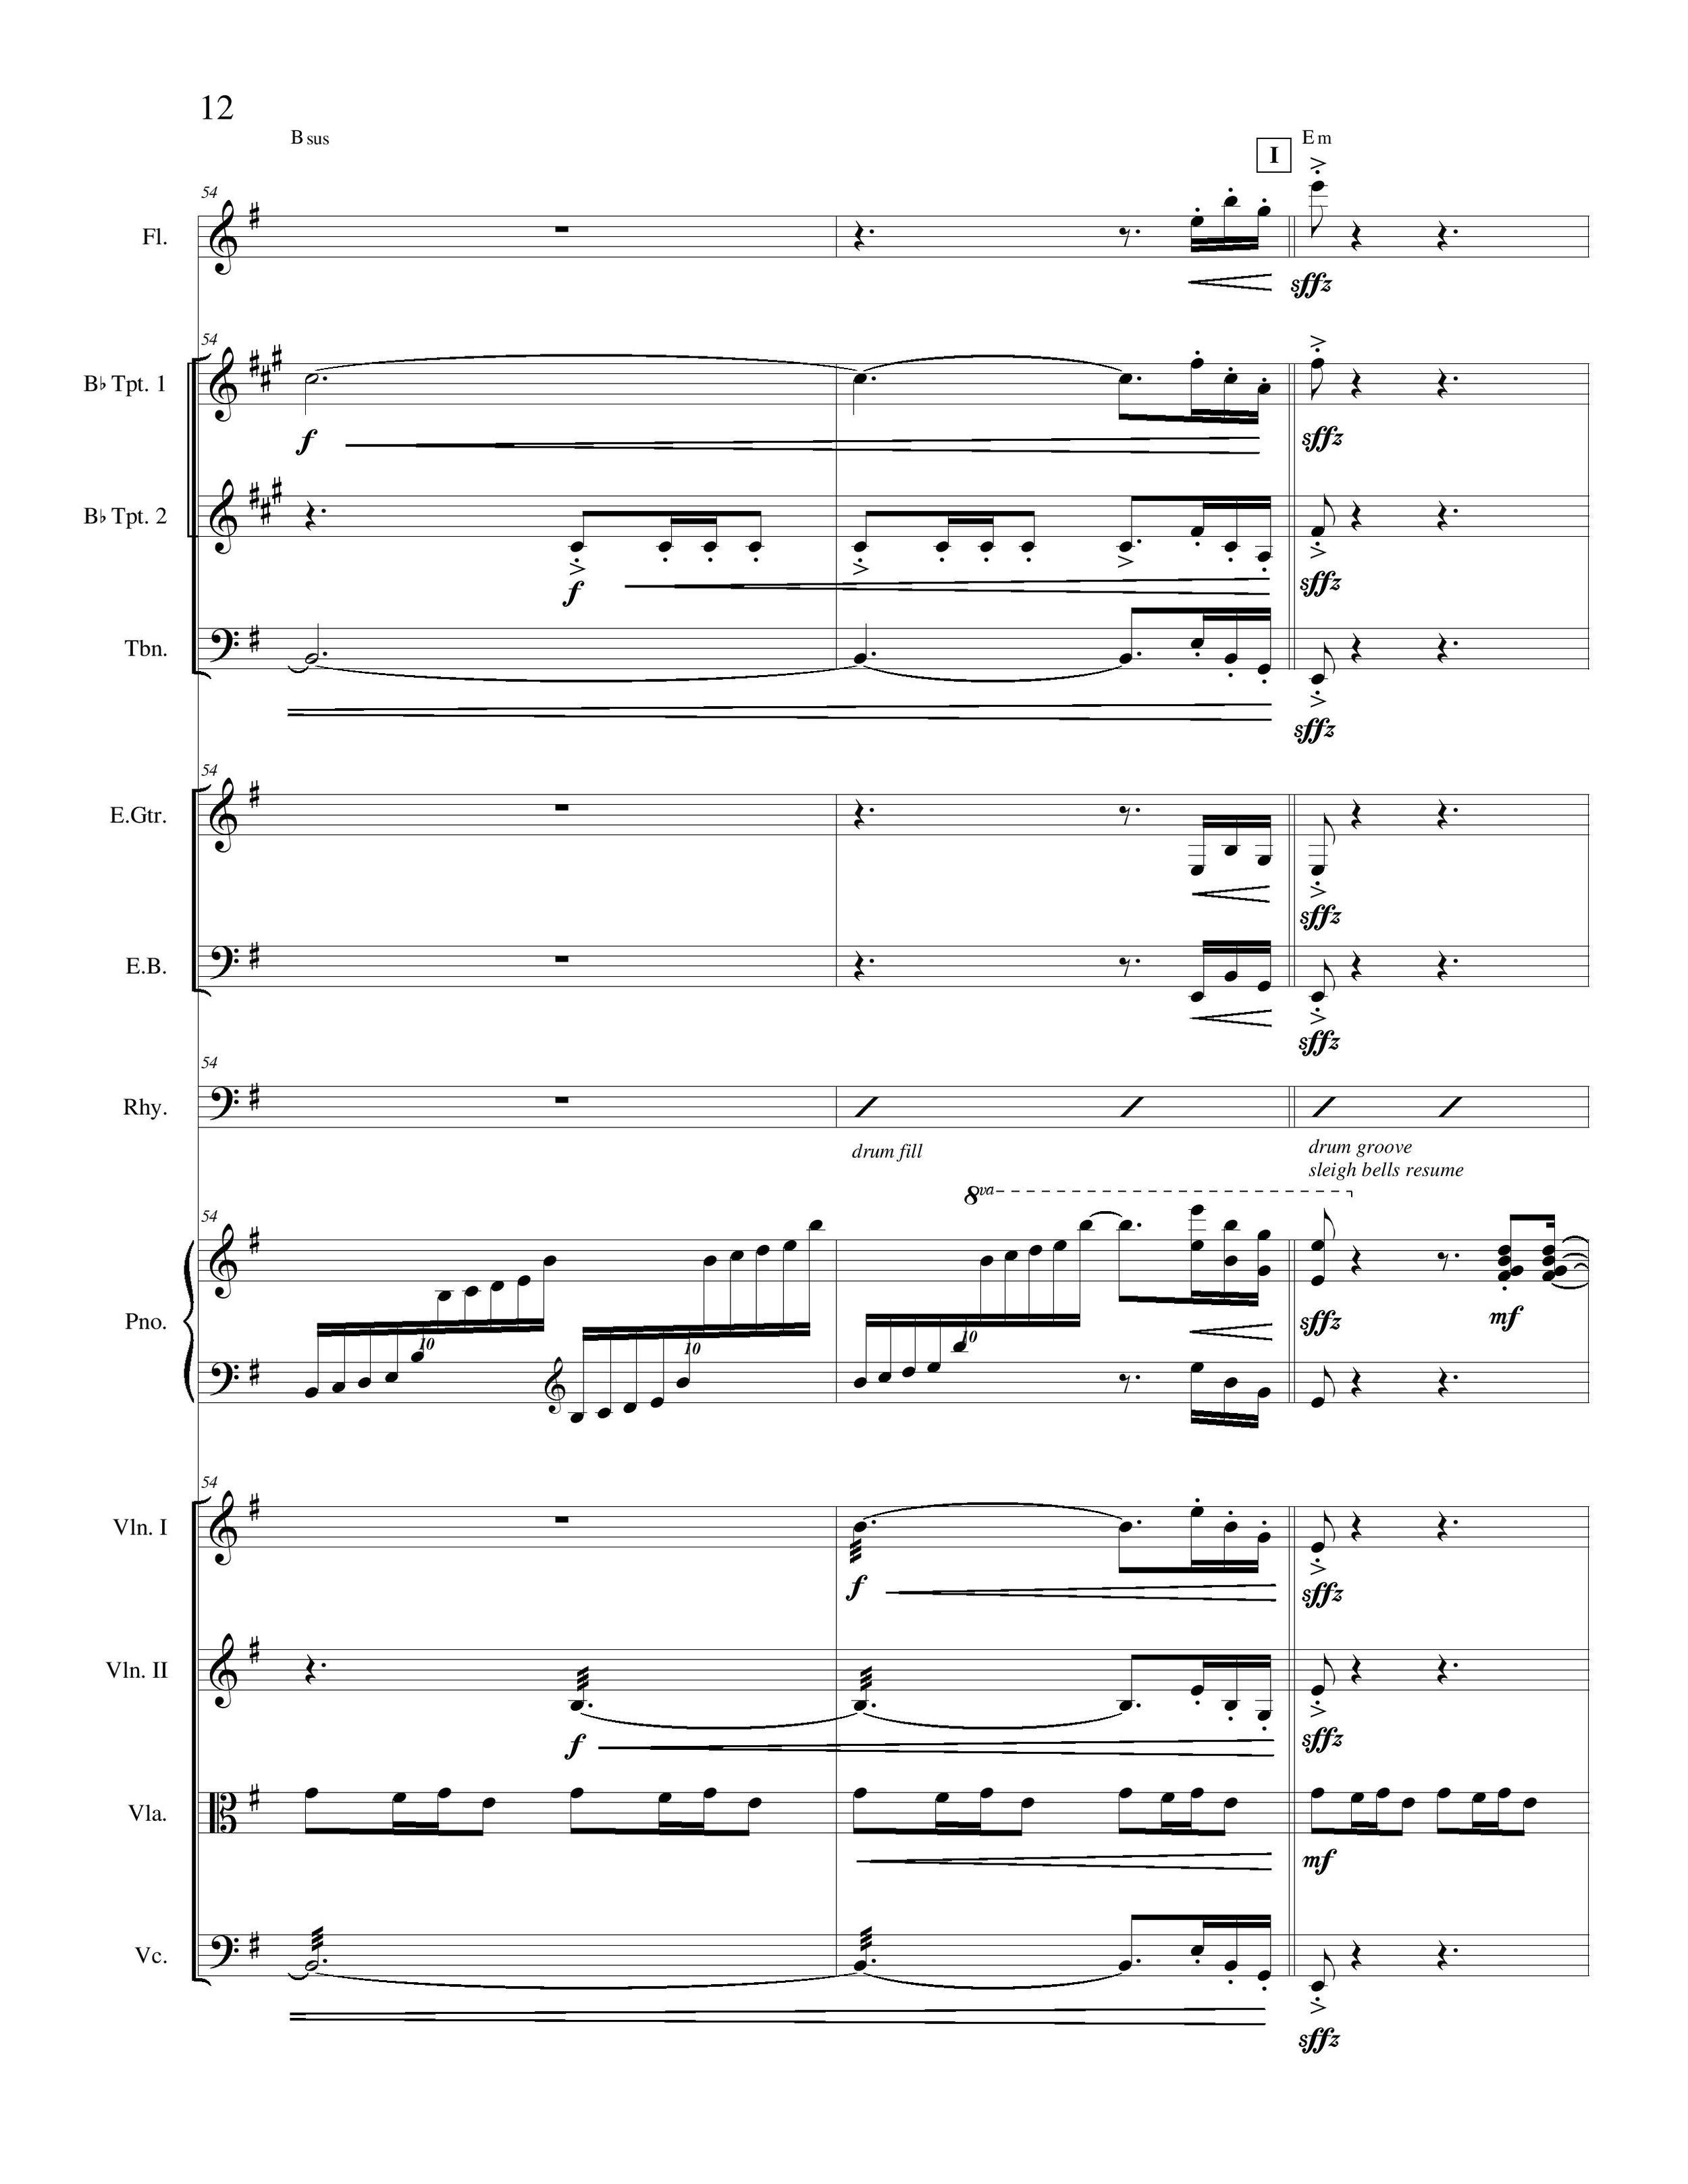 Christmas Overture - Score_12.jpg